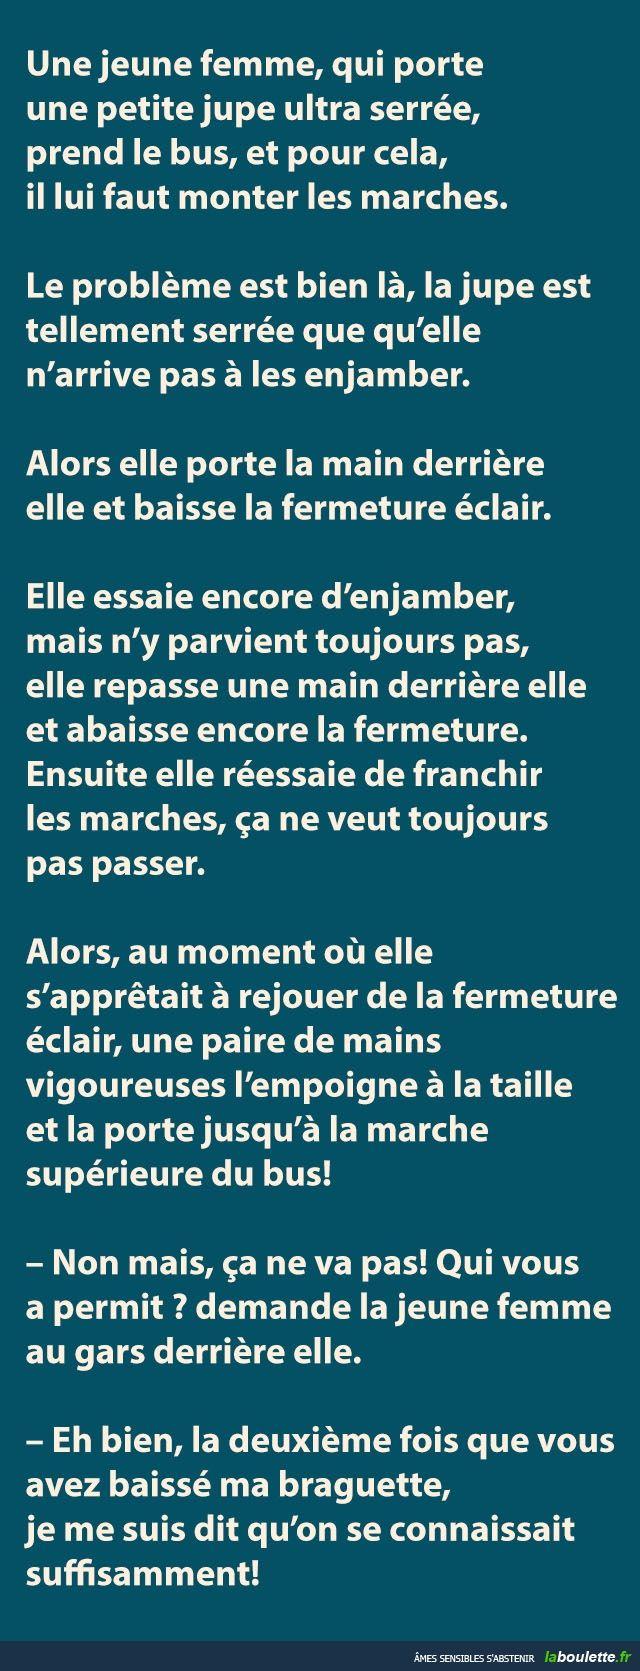 Une jeune femme, qui porte une petite jupe ultra serrée...   LABOULETTE.fr - Les meilleures images du net!